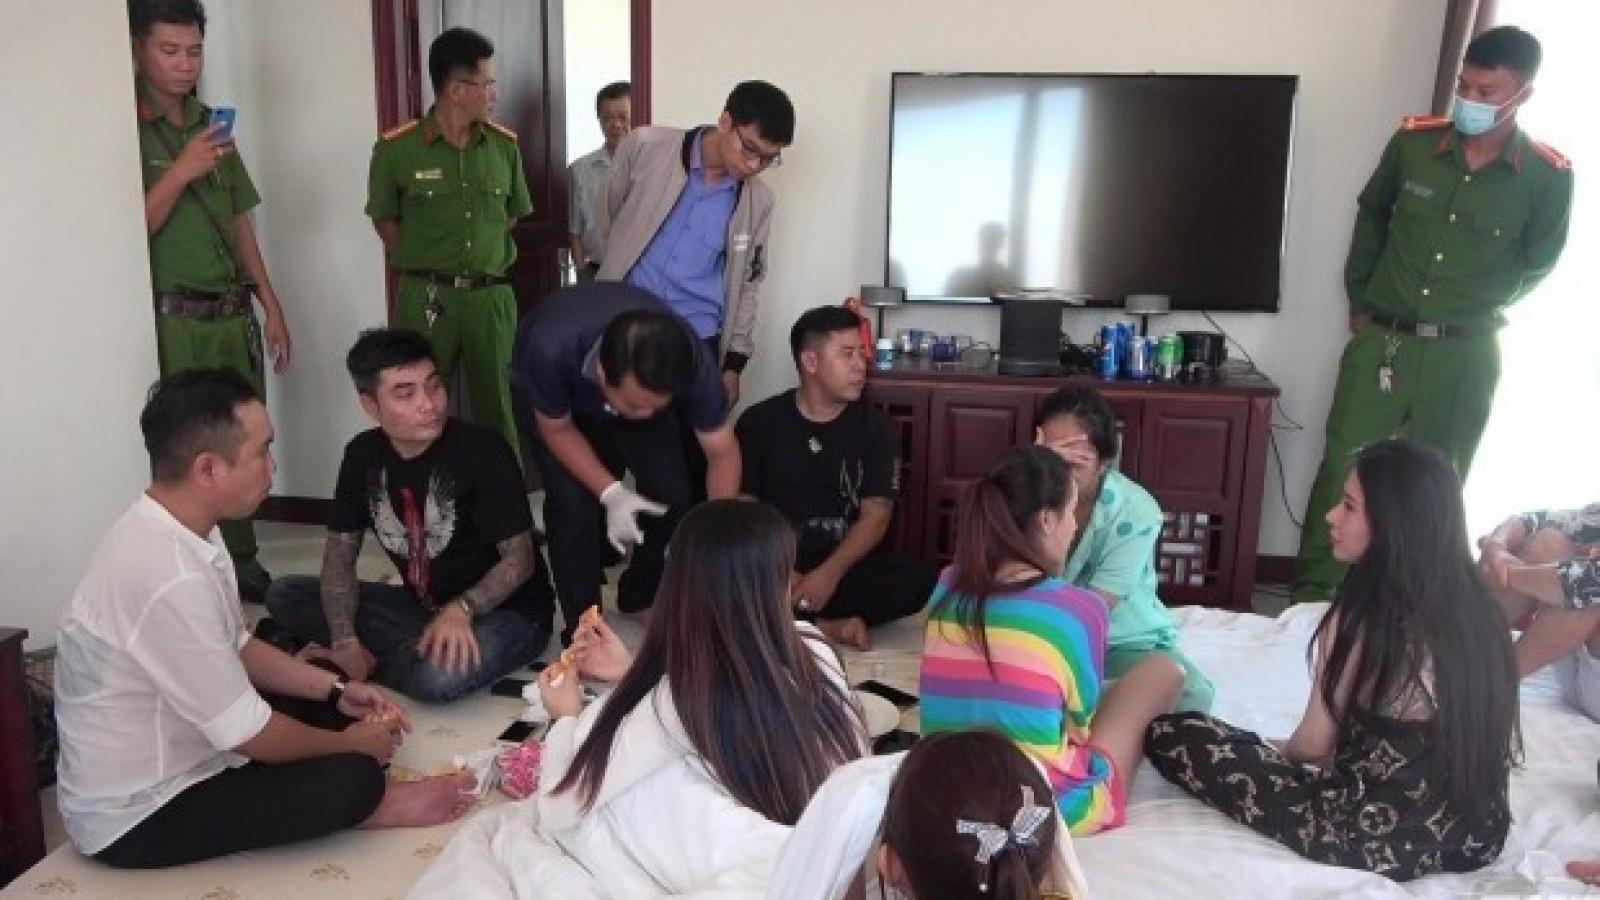 Phát hiện hàng chục thanh niên sử dụng ma tuý trong khách sạn và quán bar